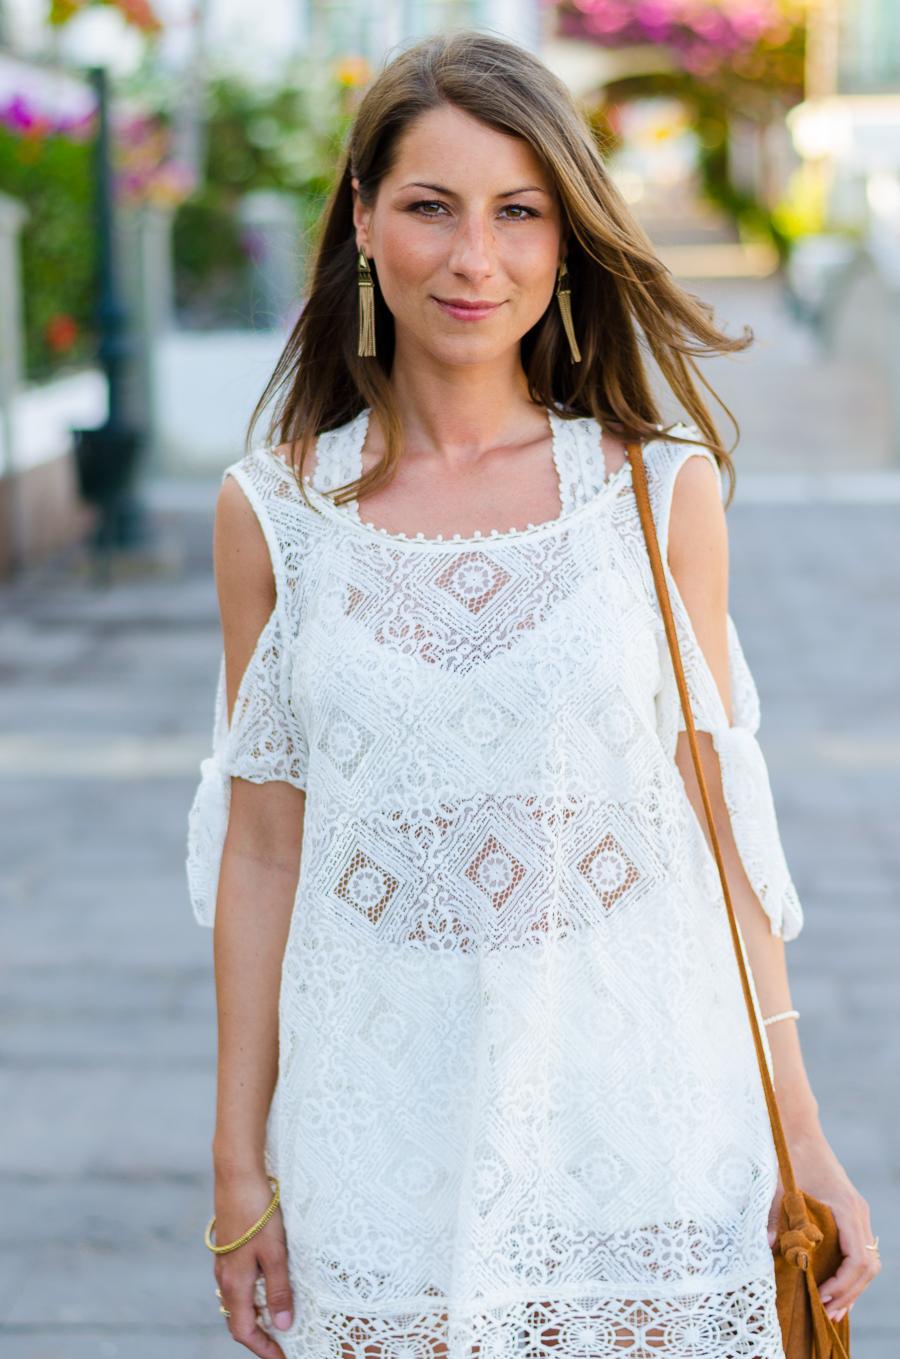 Outfit Boho Spitzenkleid von Free People Isabel Marant Sandalen und Fransentasche